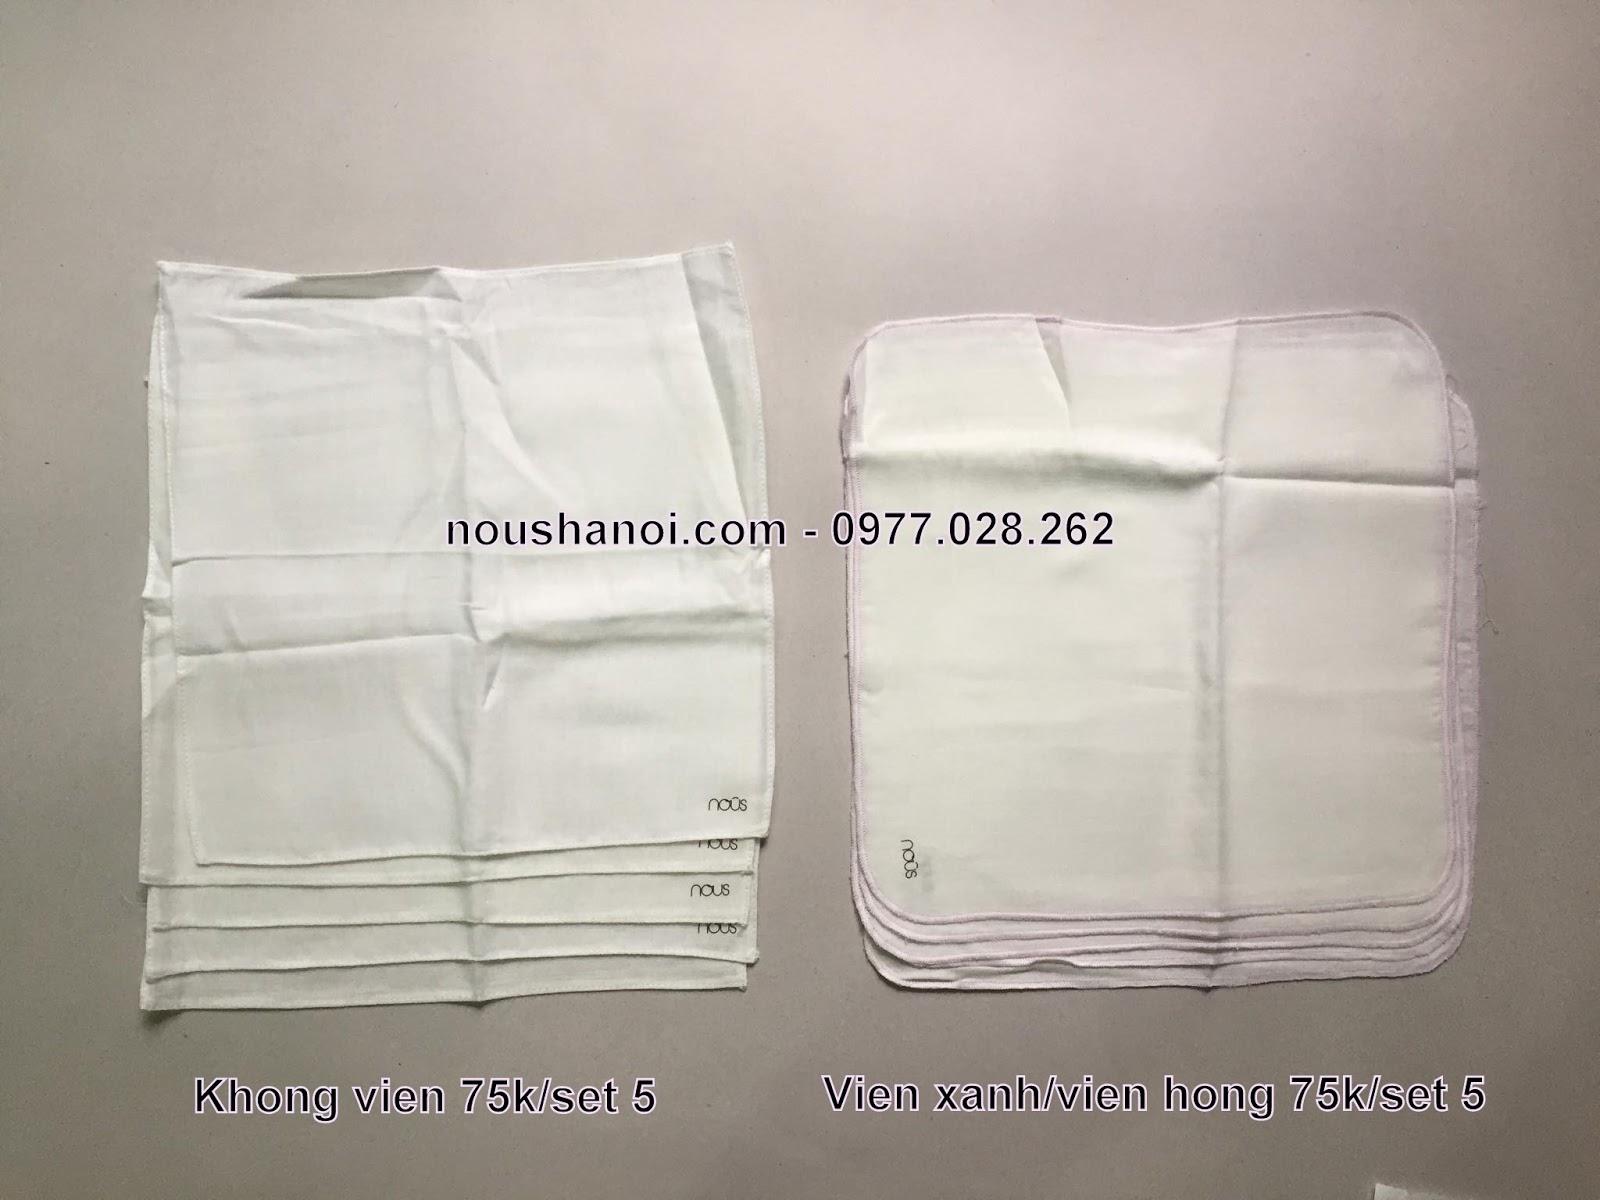 Bảng giá quần áo trẻ em Nous tại Hà Nội   Quần áo trẻ em Nous Hà Nội